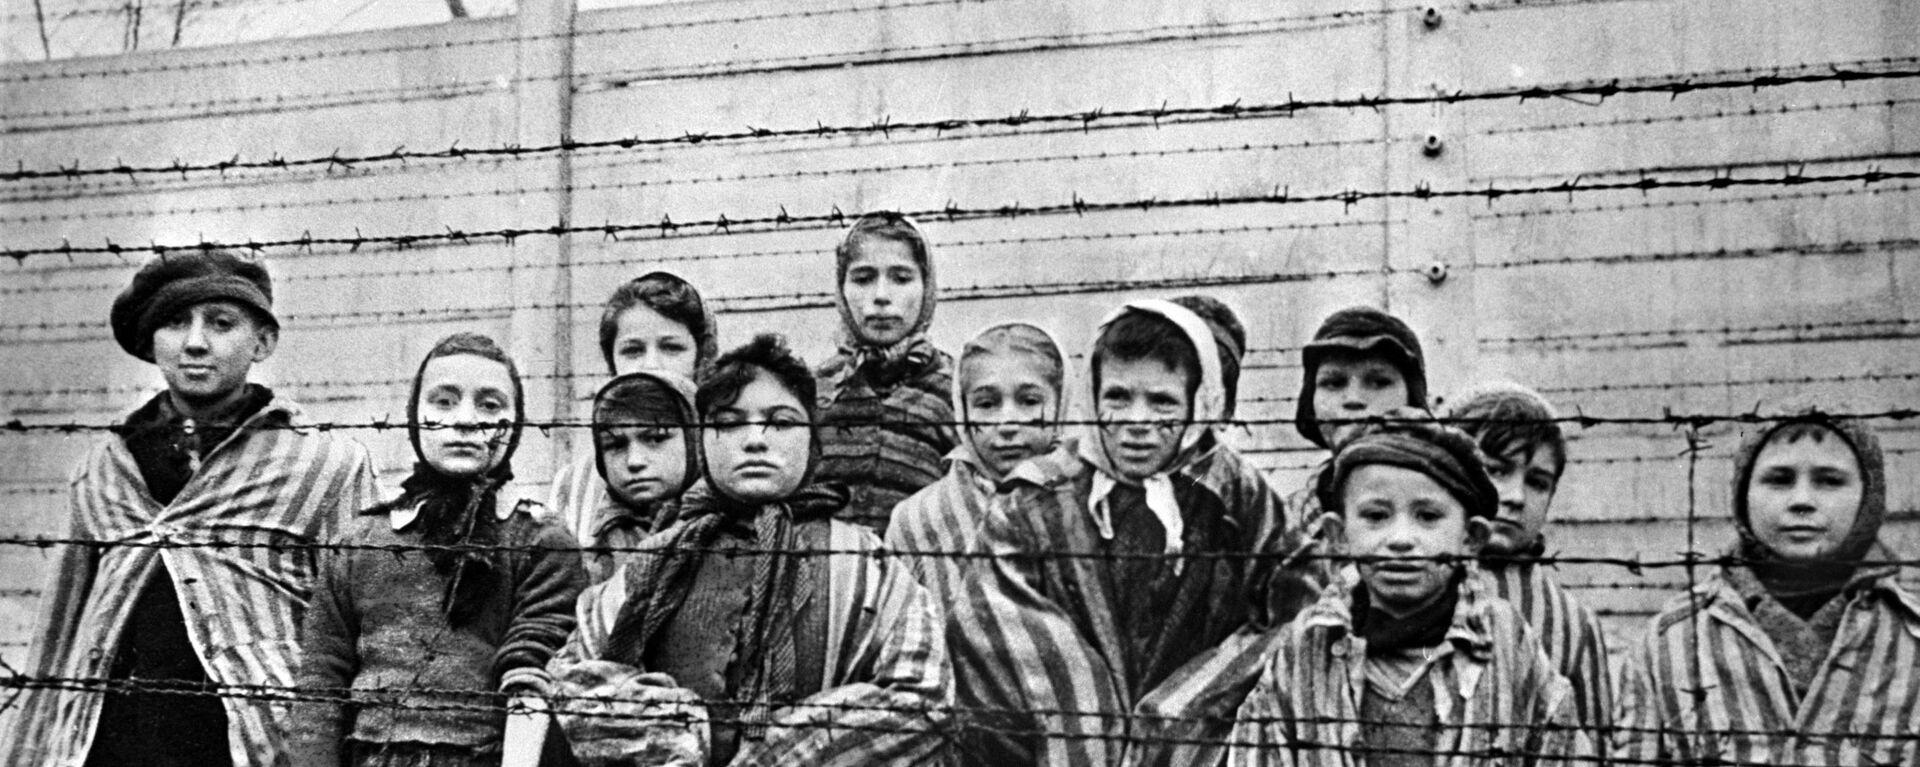 Дети из концентрационного лагеря Освенцим. Архивное фото. - Sputnik Таджикистан, 1920, 24.01.2020